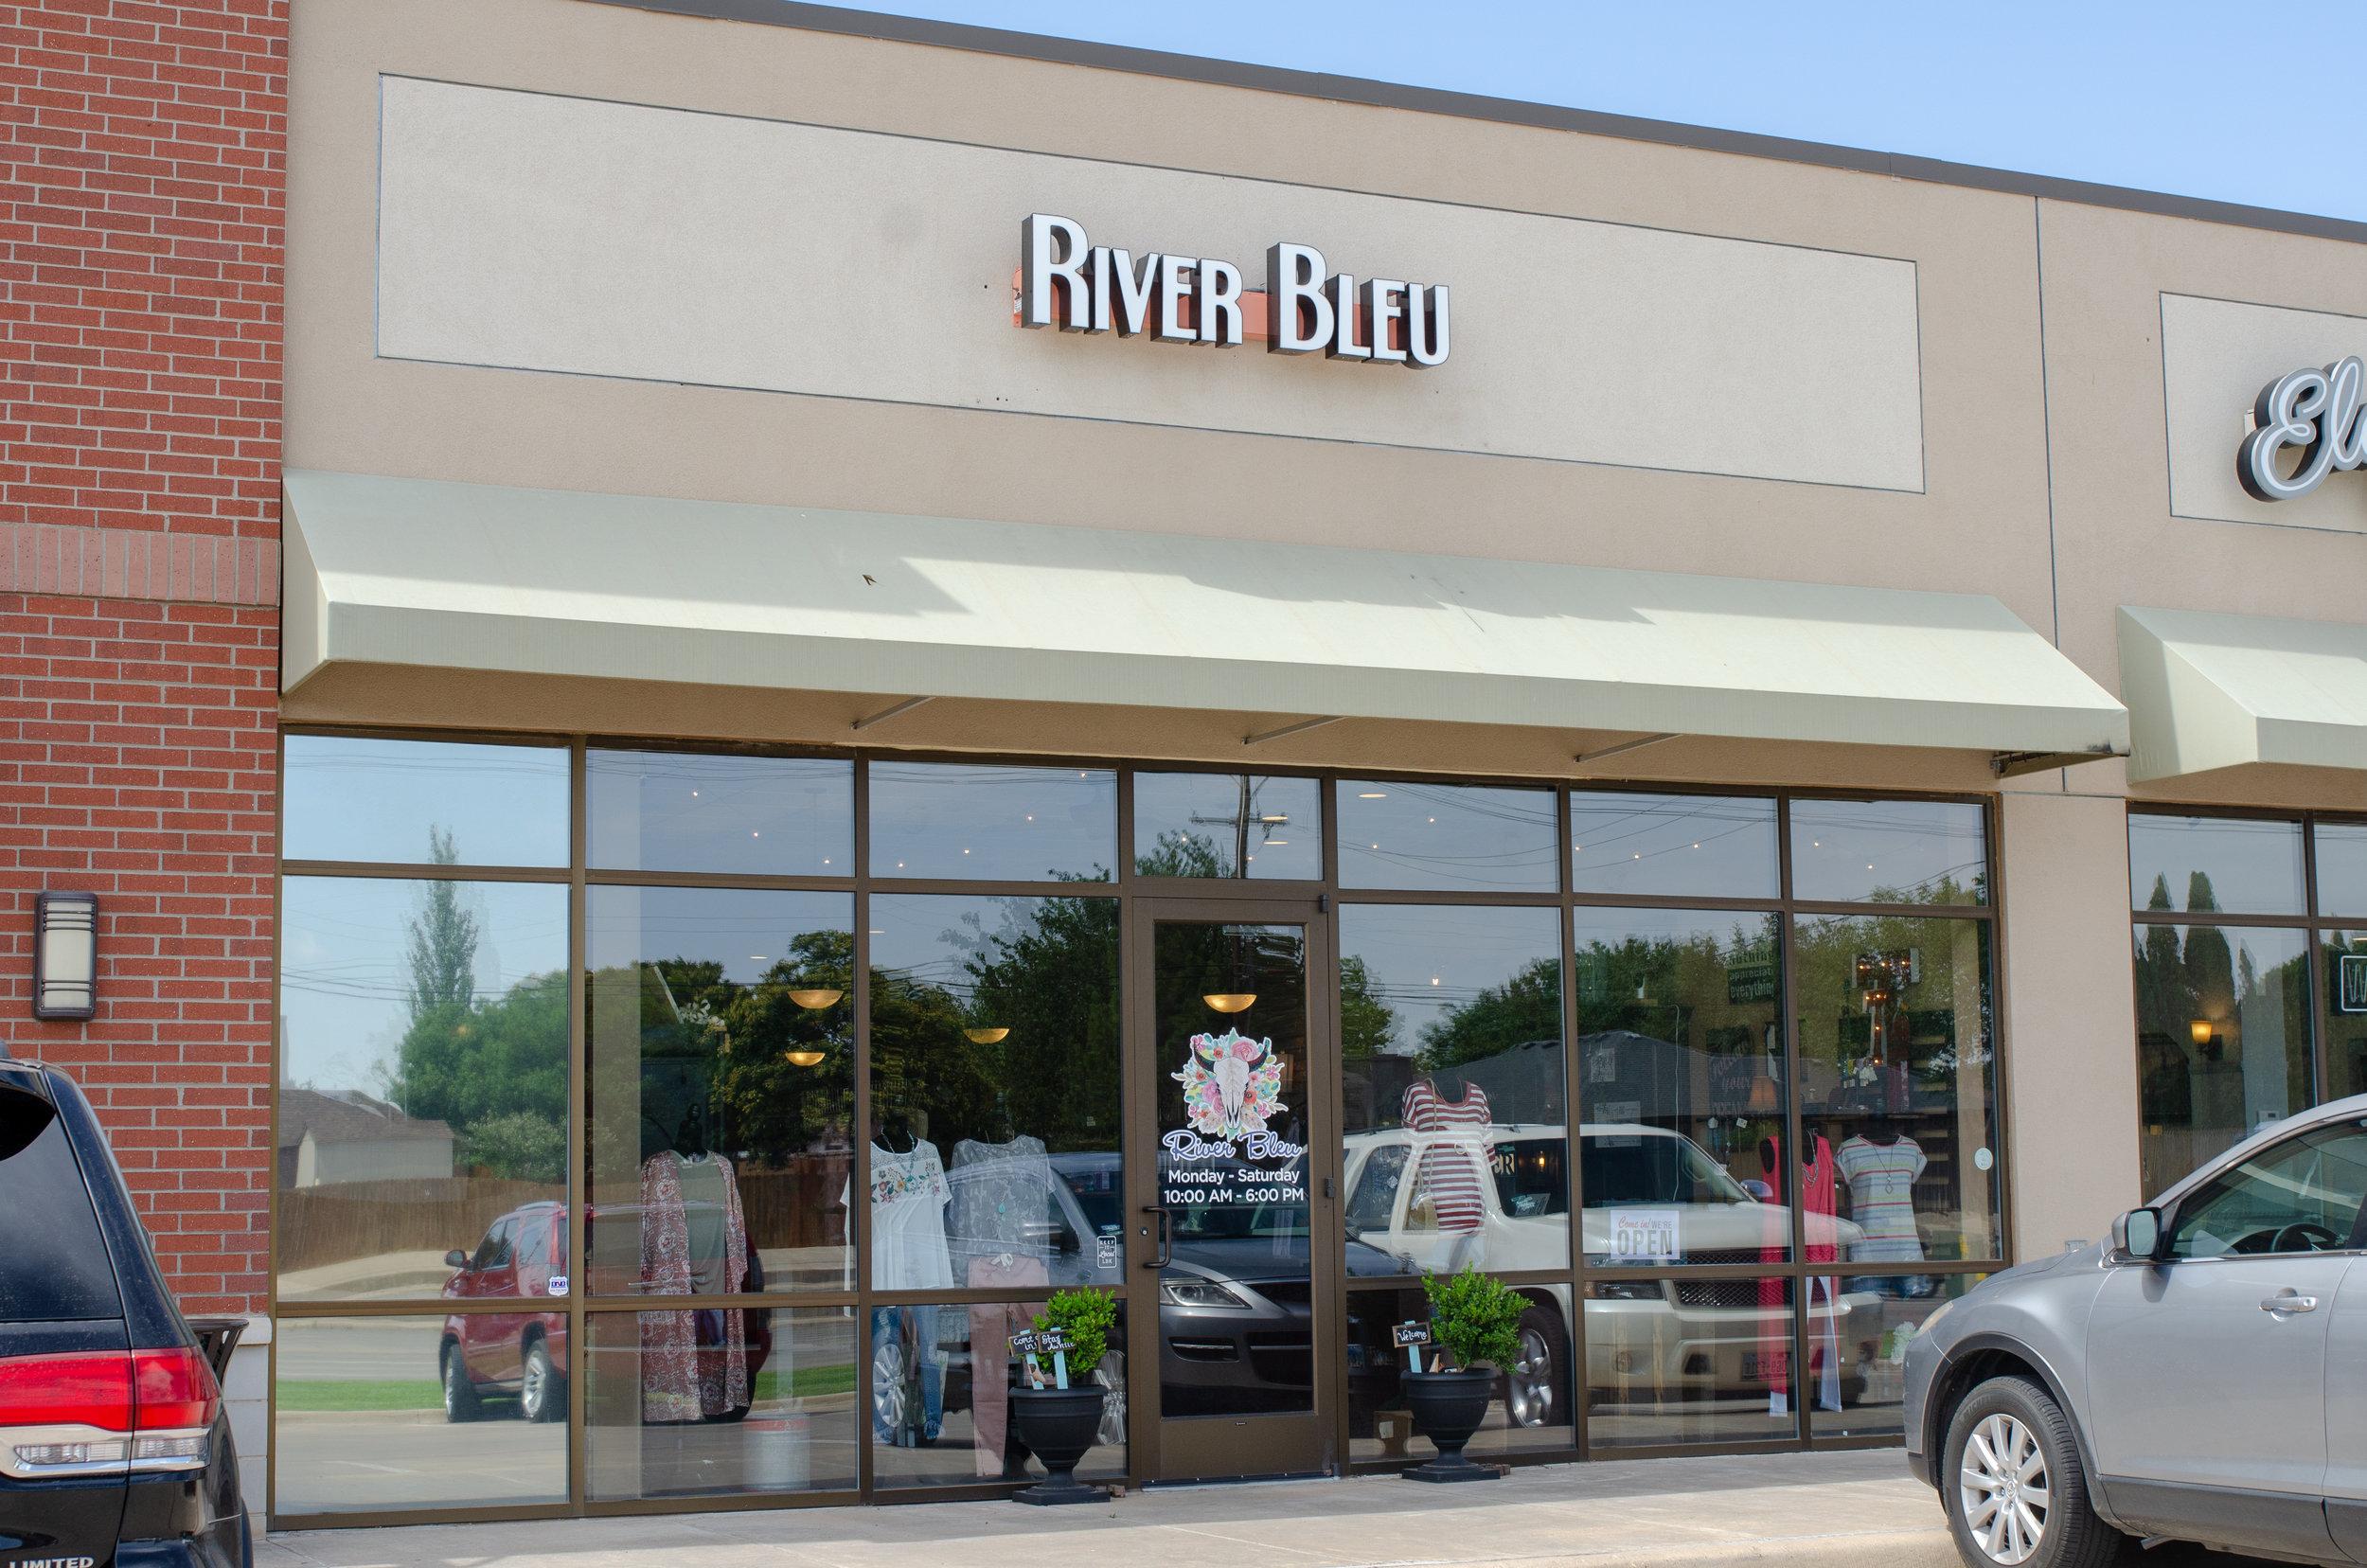 RiverBleu-38.jpg